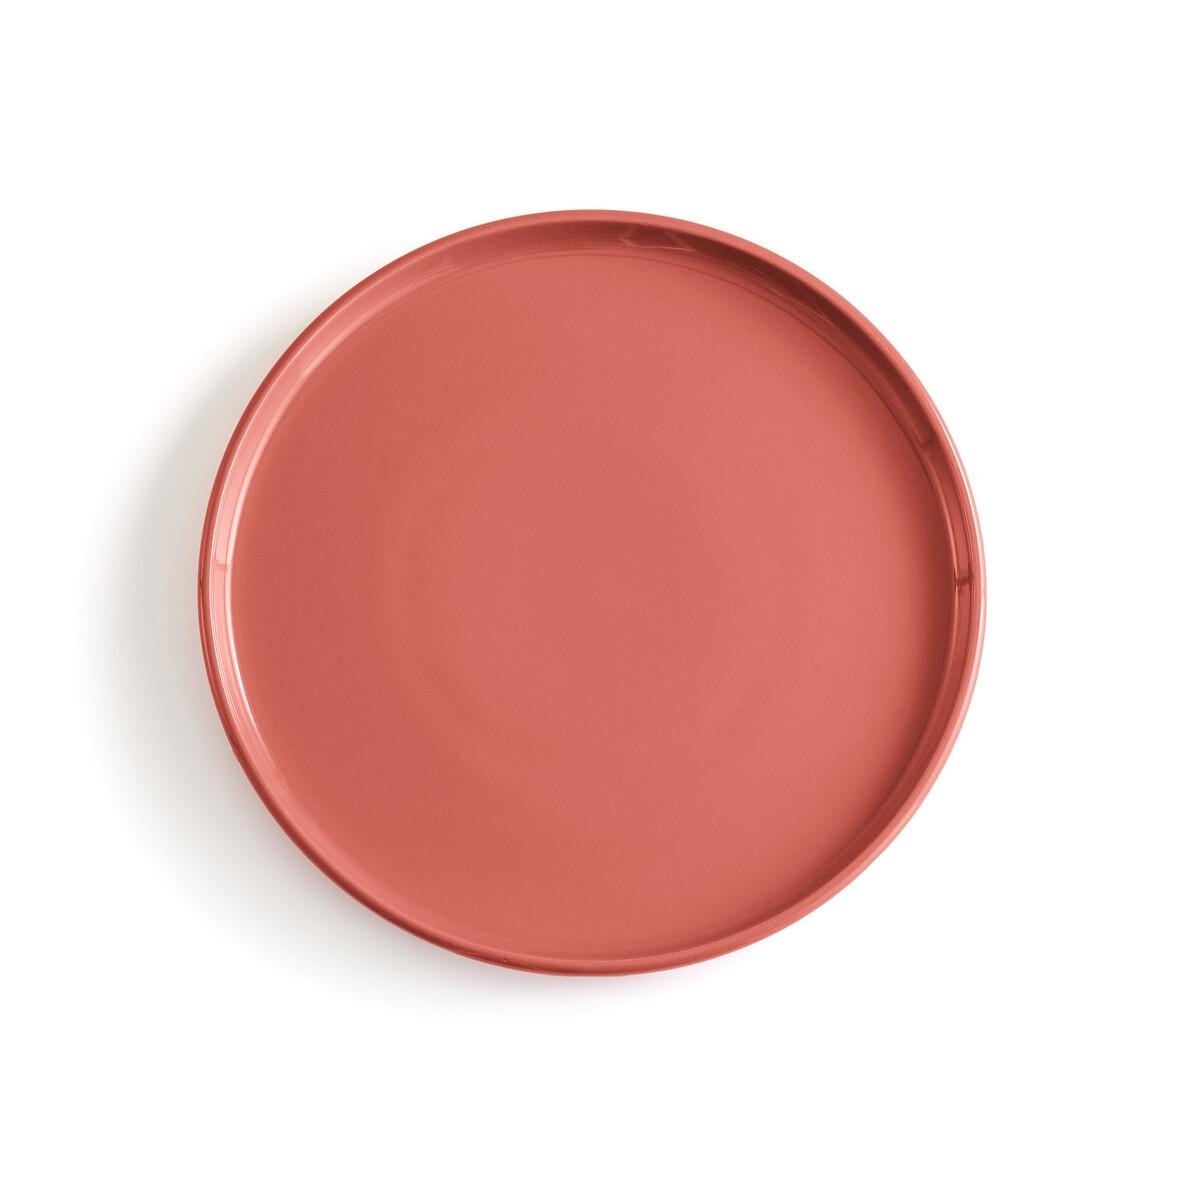 4 тарелки LaRedoute Мелкие керамические ELINOR единый размер каштановый